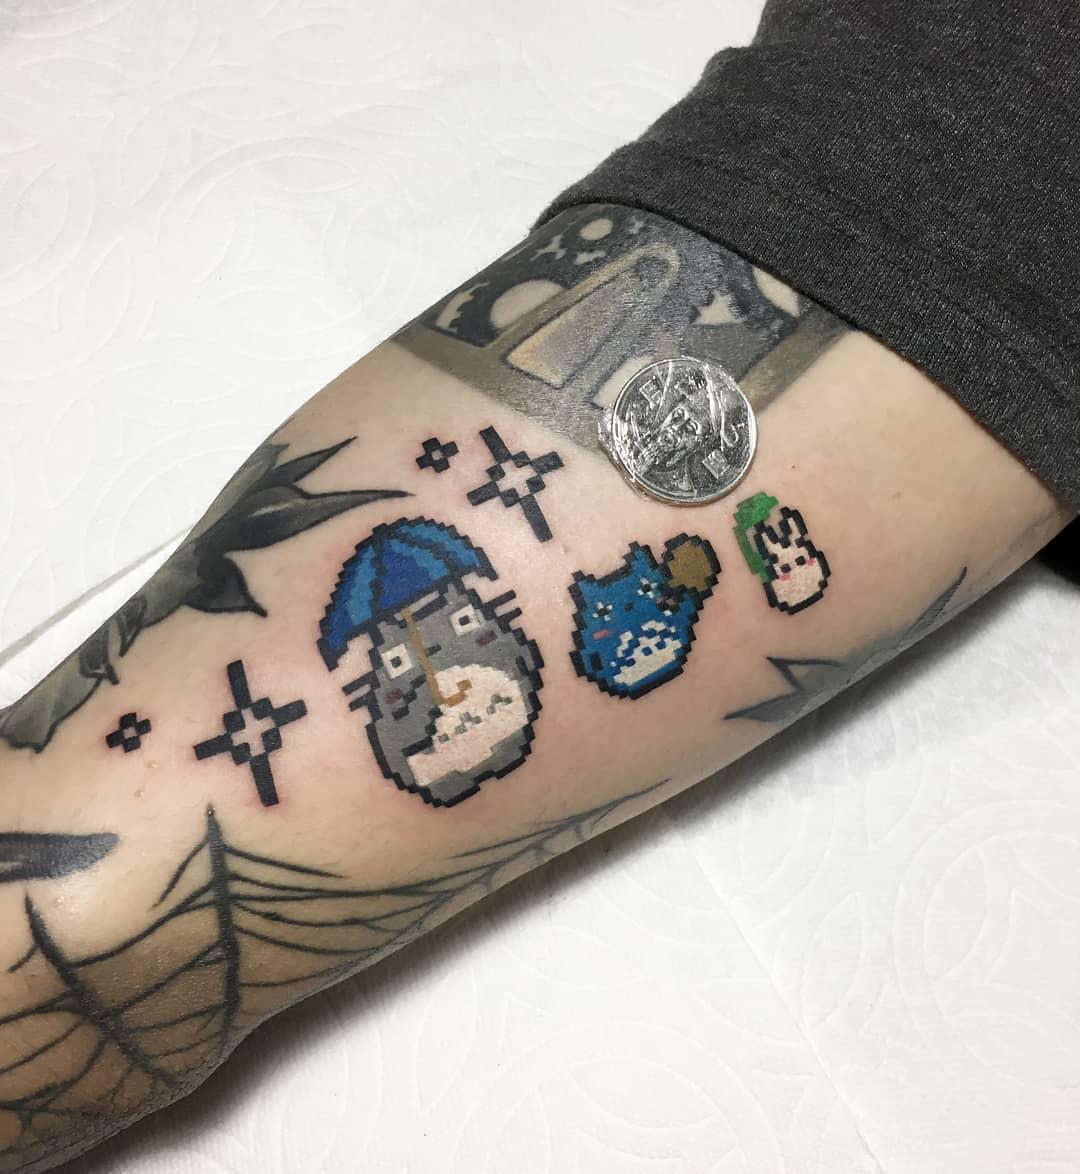 Pixel art totoro tattoo